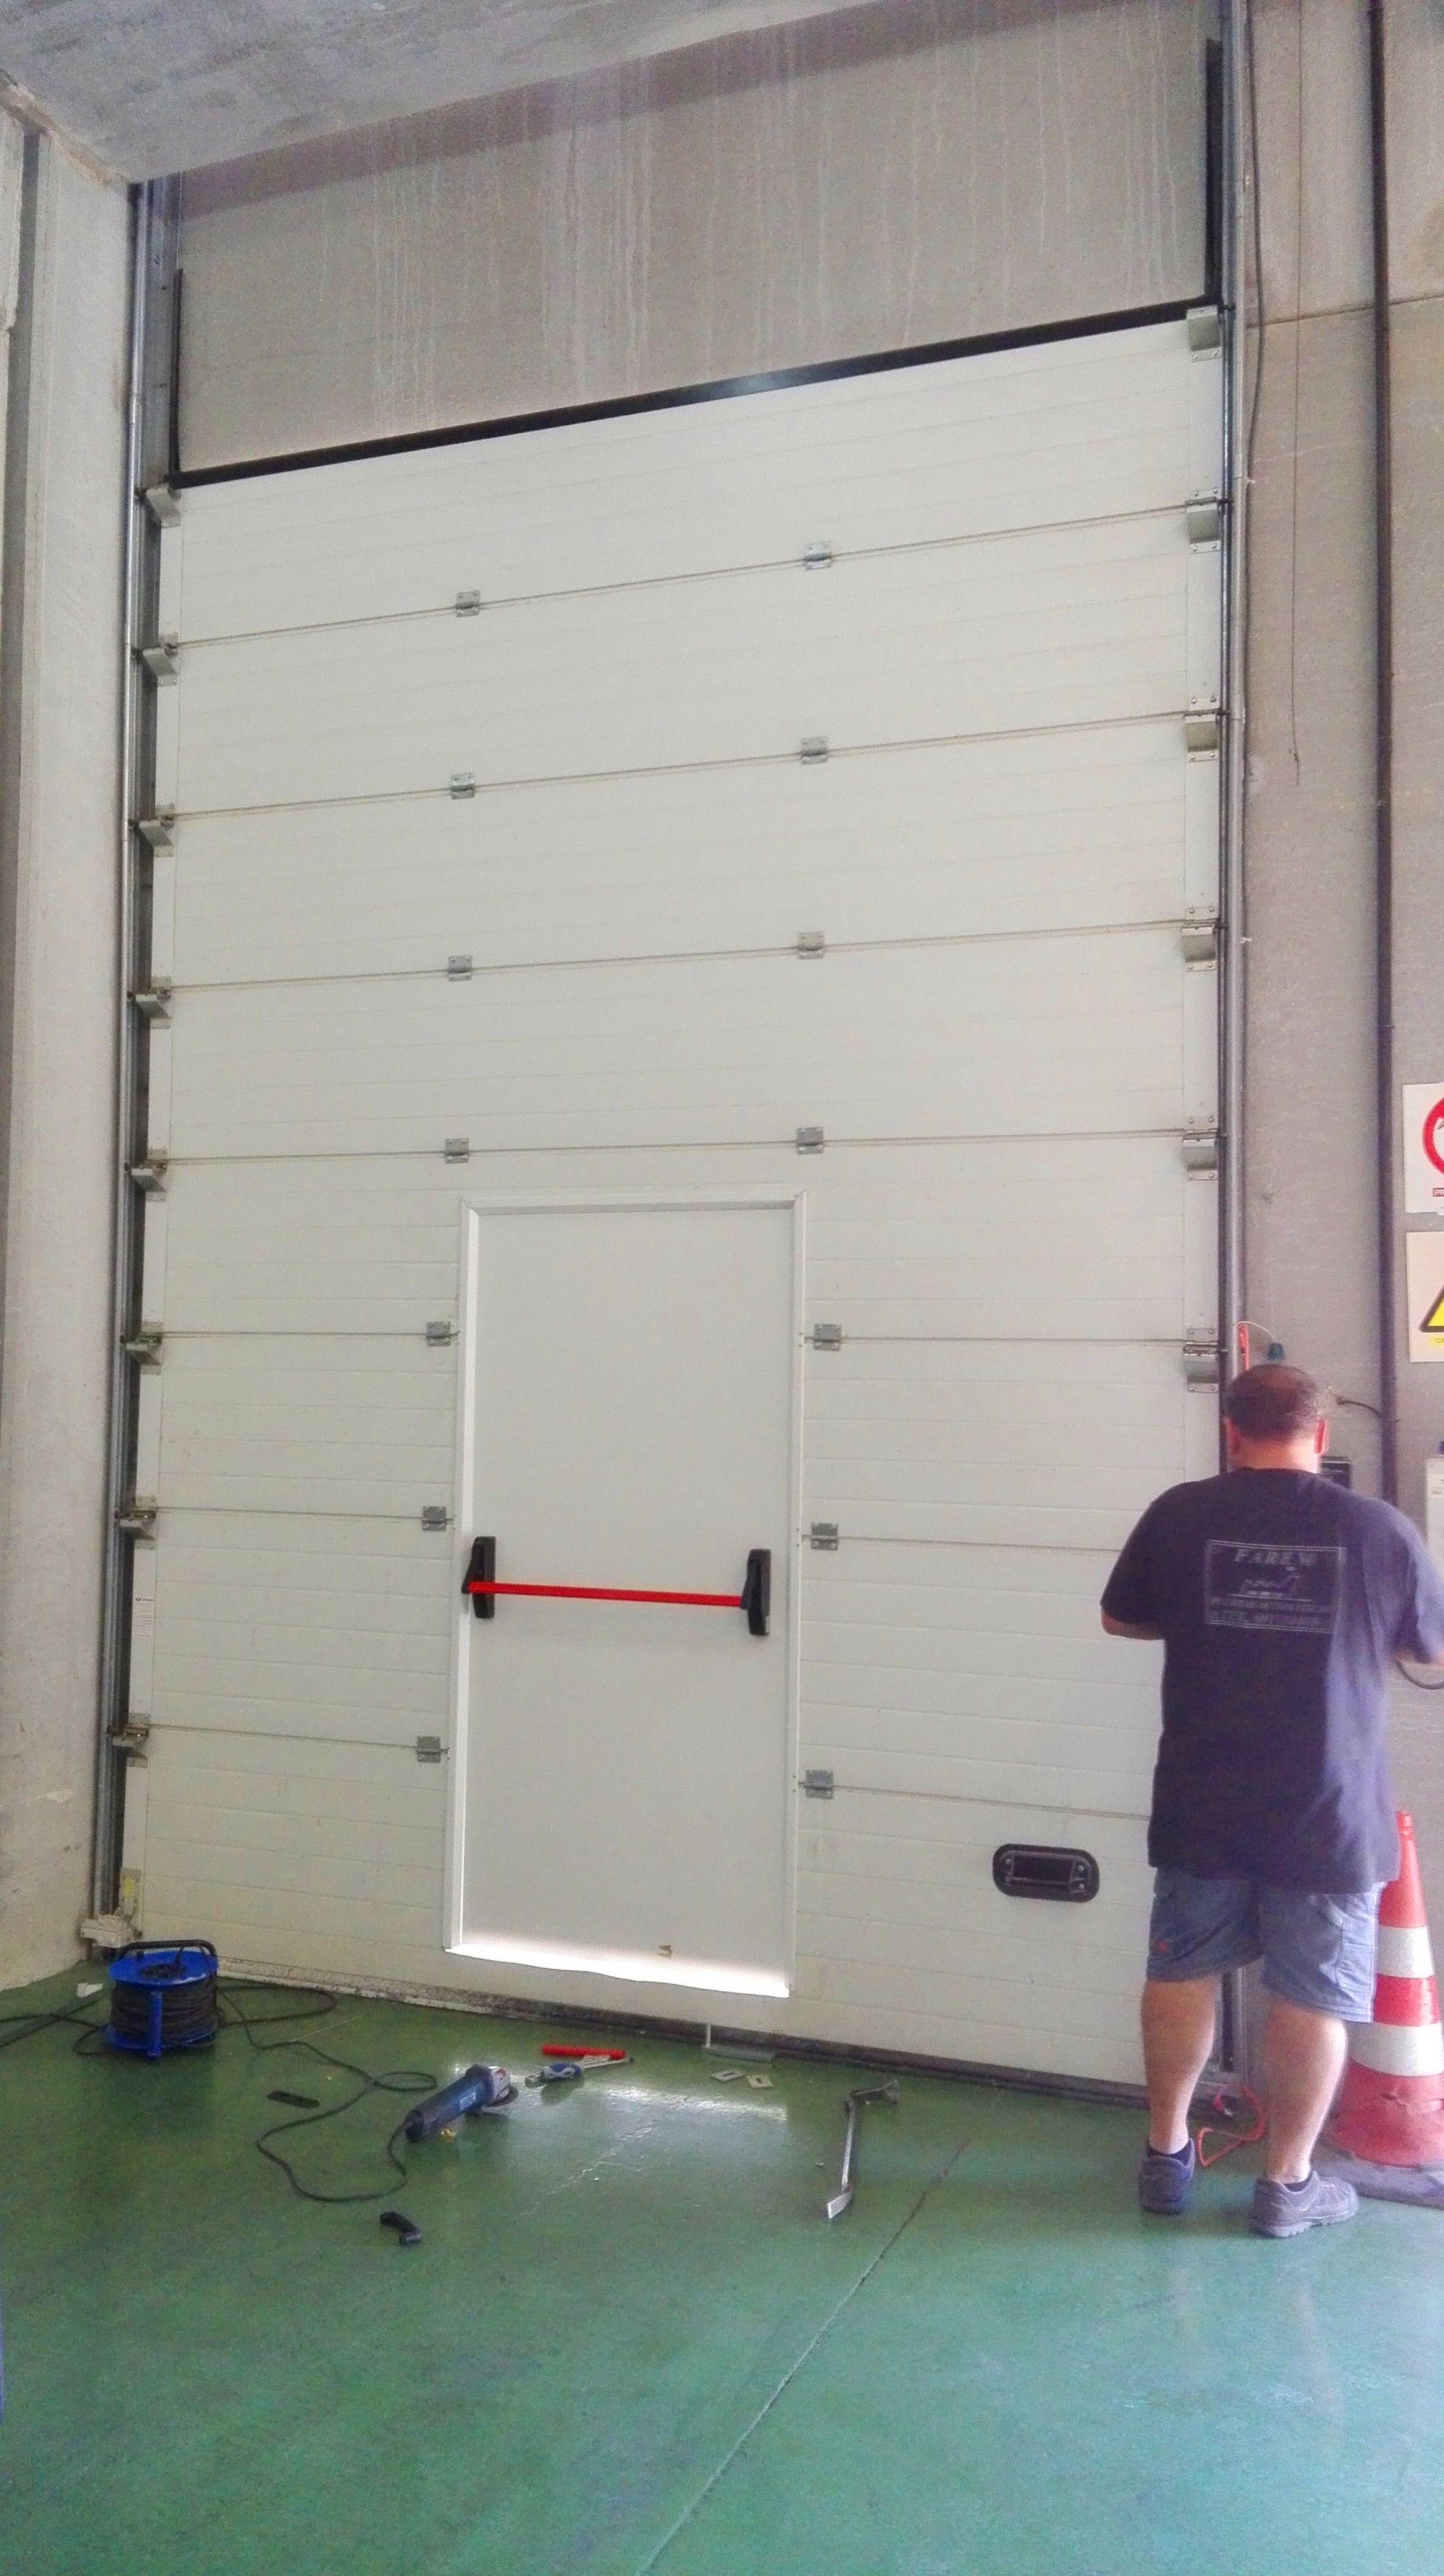 puerta peatonal incorporada en puerta seccional de salida de emergencia